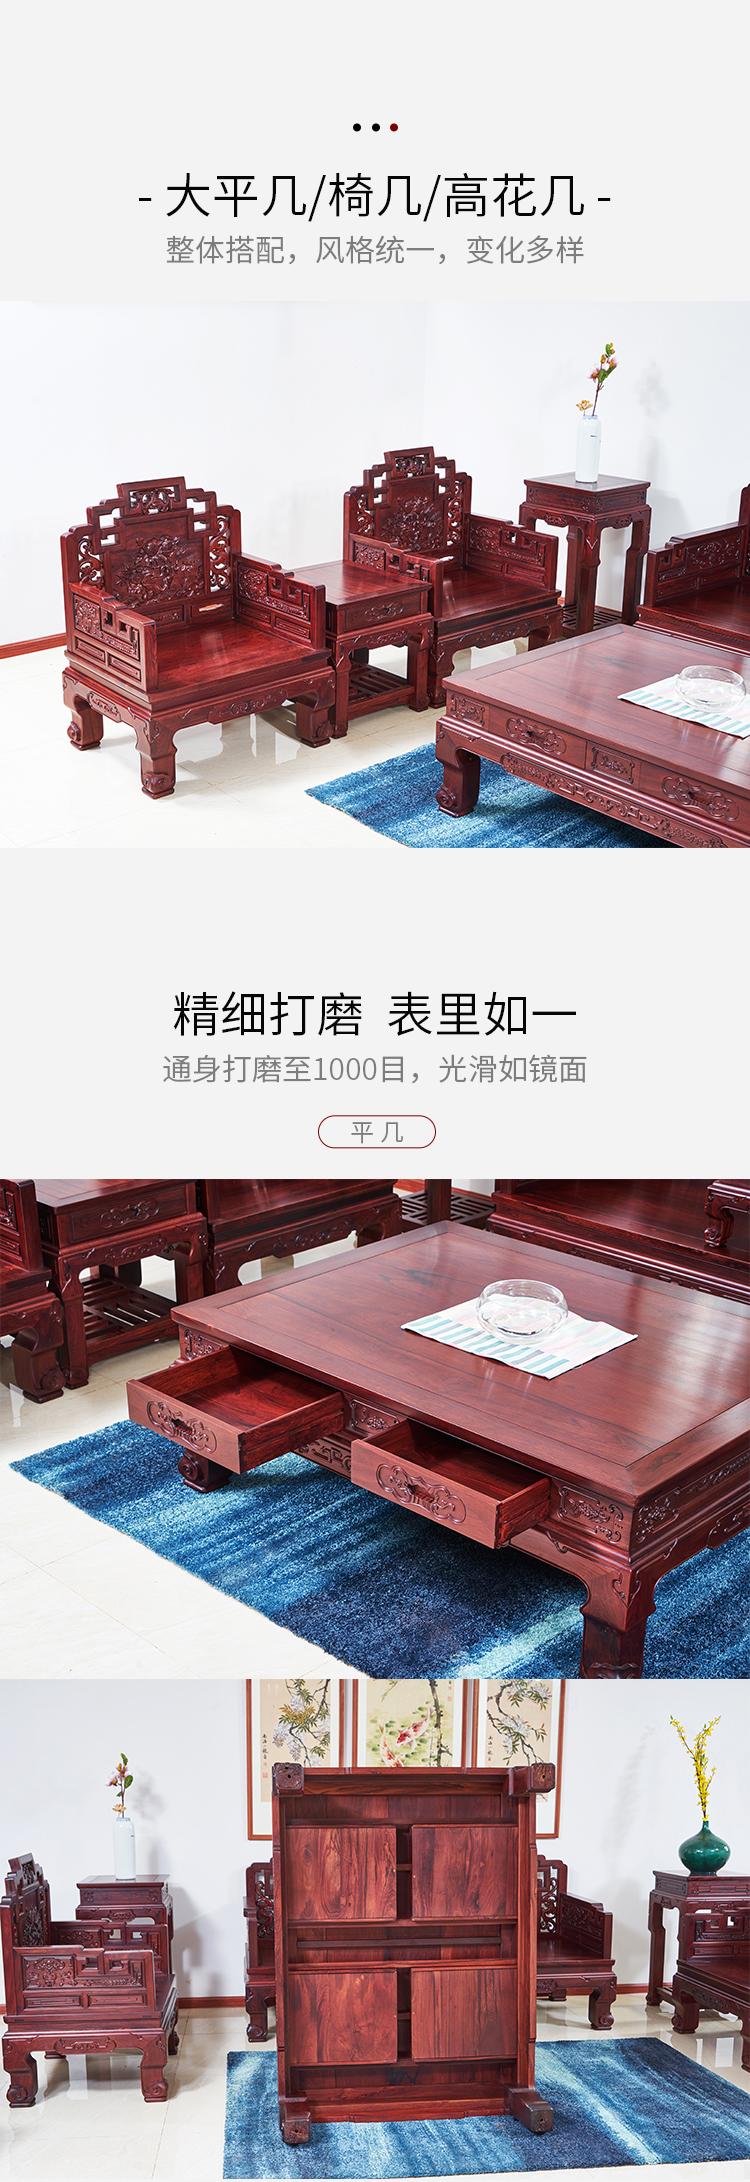 红木家具修改-2_01